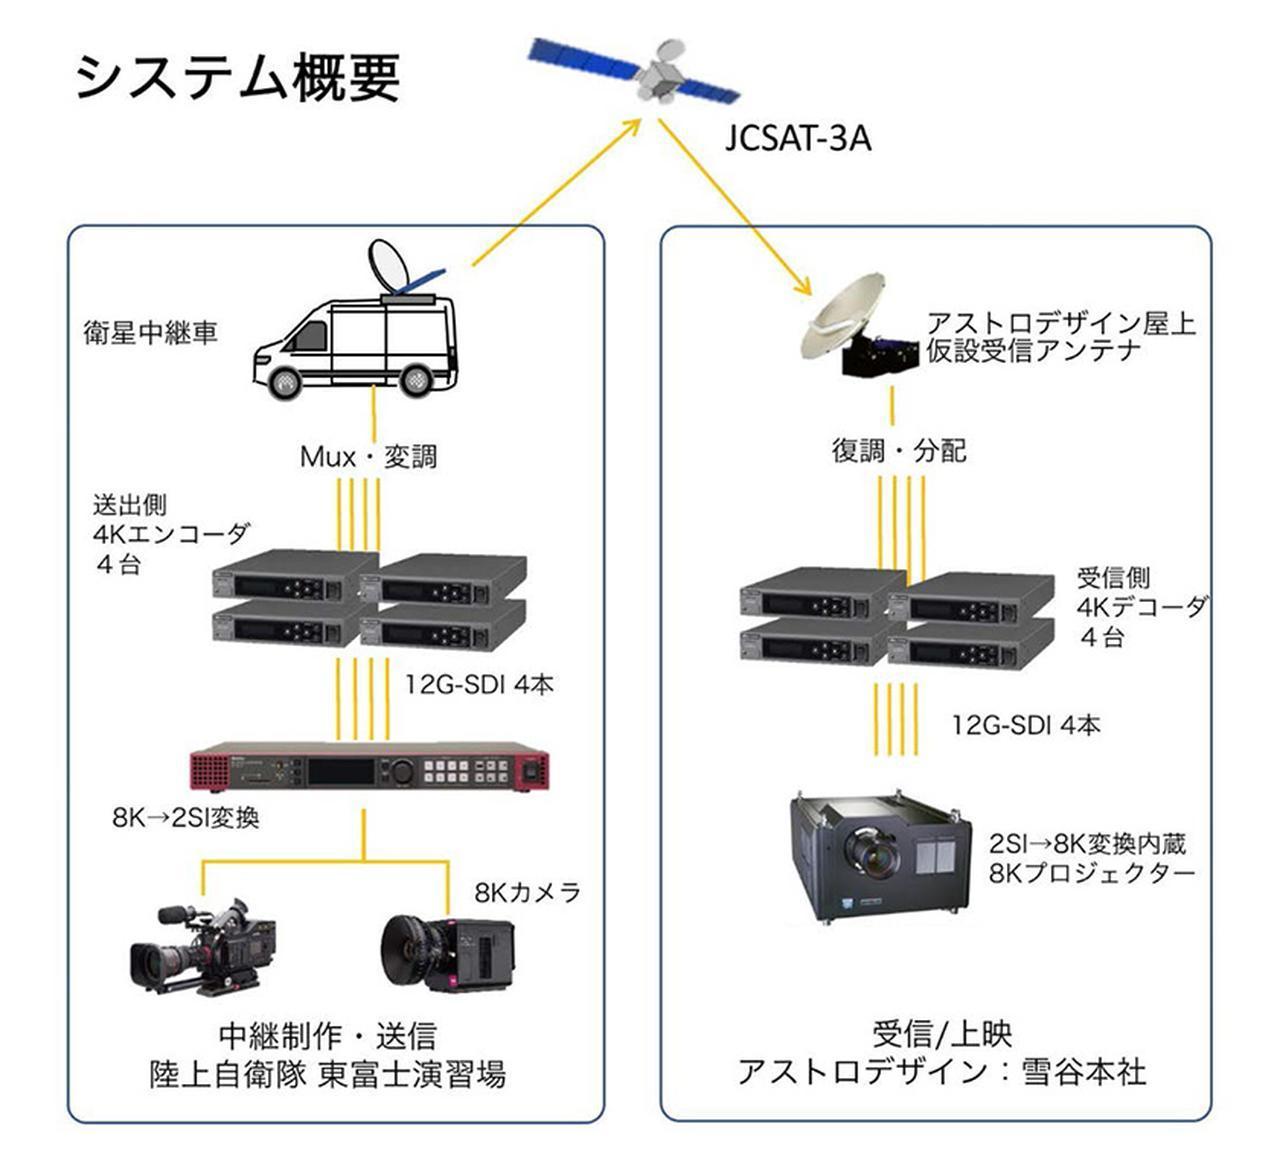 画像: パブリックビューイングの伝送システムはこちらの通り(スカパーのリリースより)